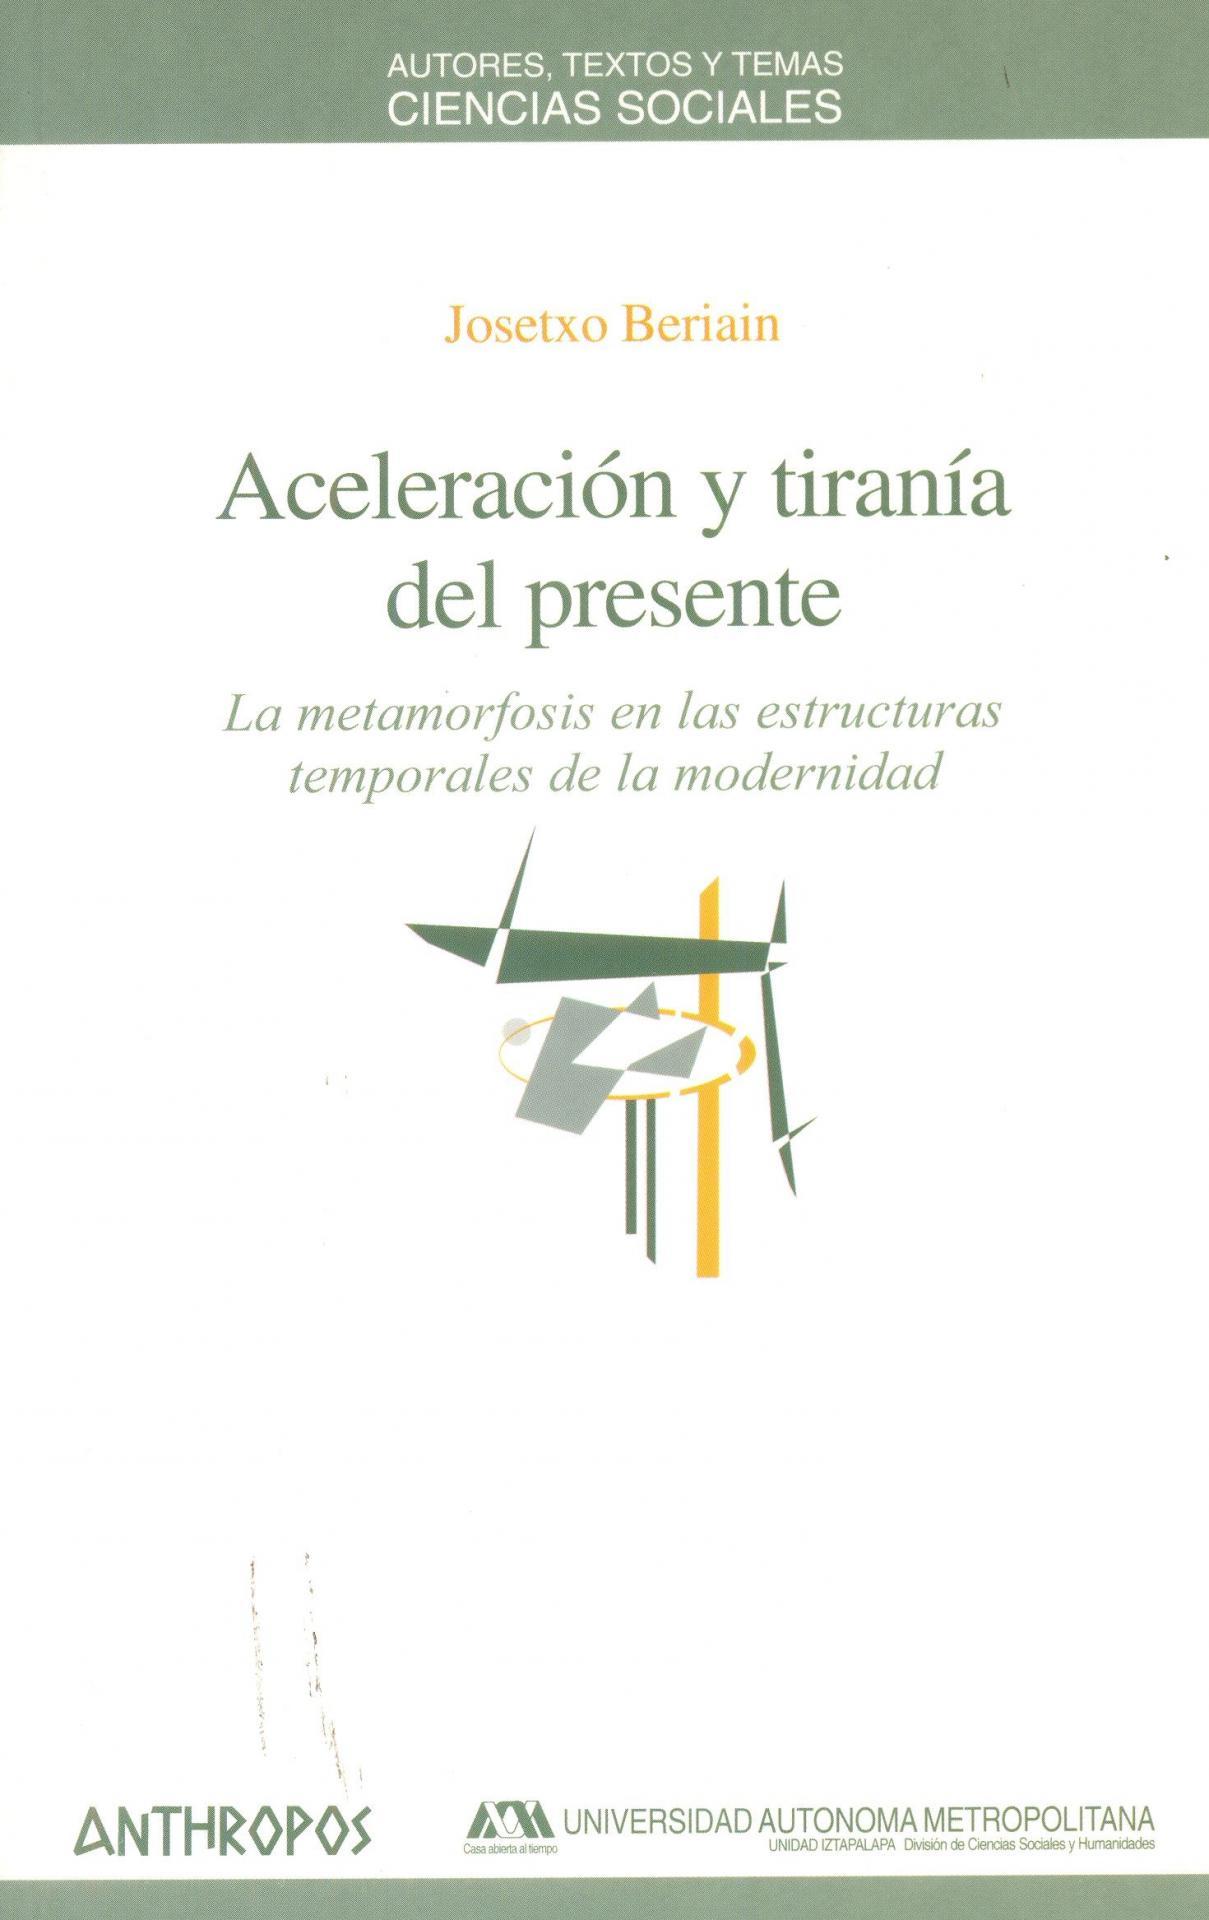 ACELERACIÓN Y TIRANÍA DEL PRESENTE. Metamorfosis en las estructuras temporales de la modernidad. Beriain, J